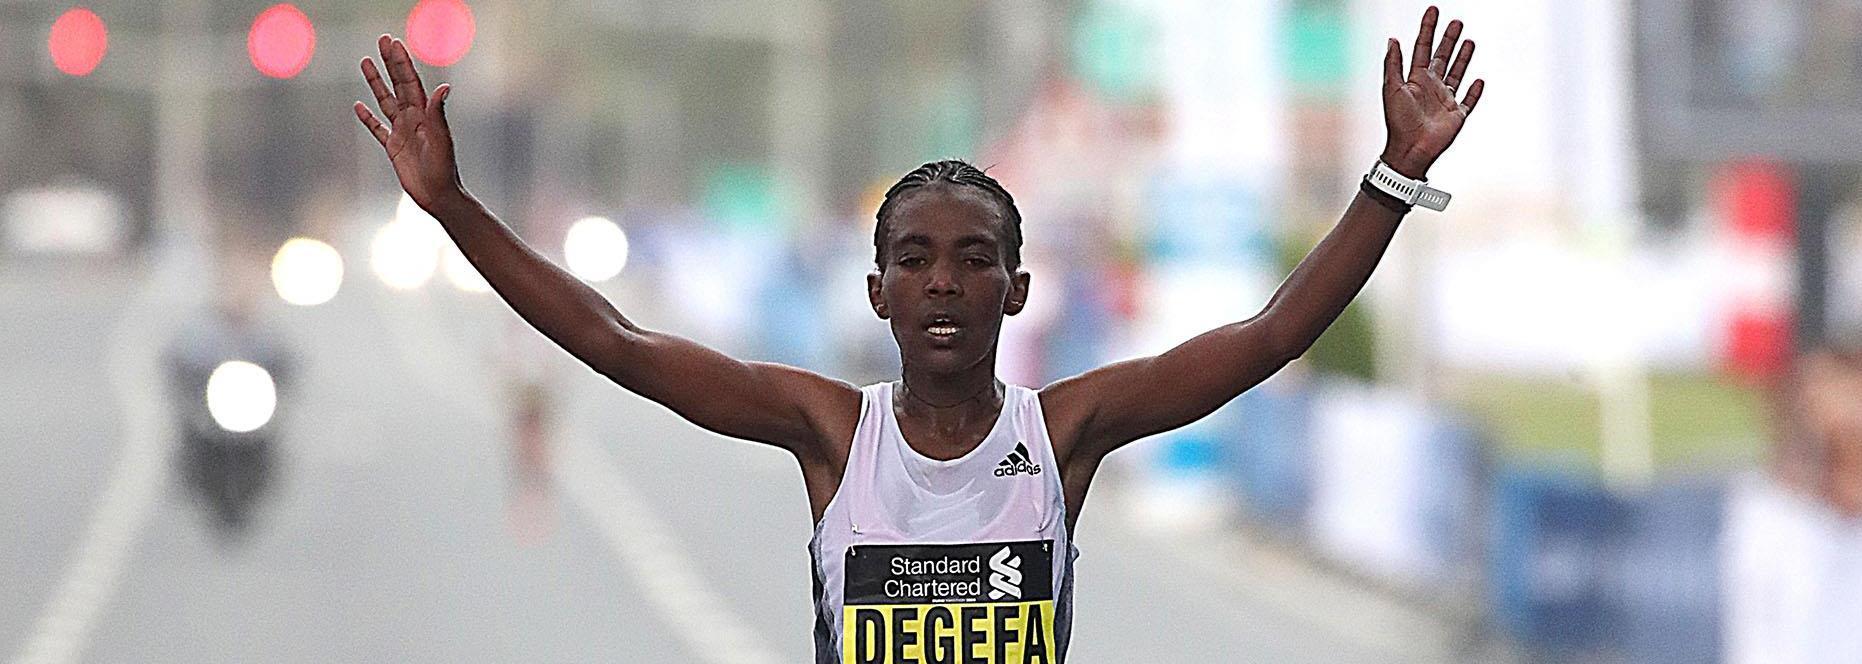 Degefa sizzles 2:19:38 in Dubai, debutant Adugna prevails in men's race